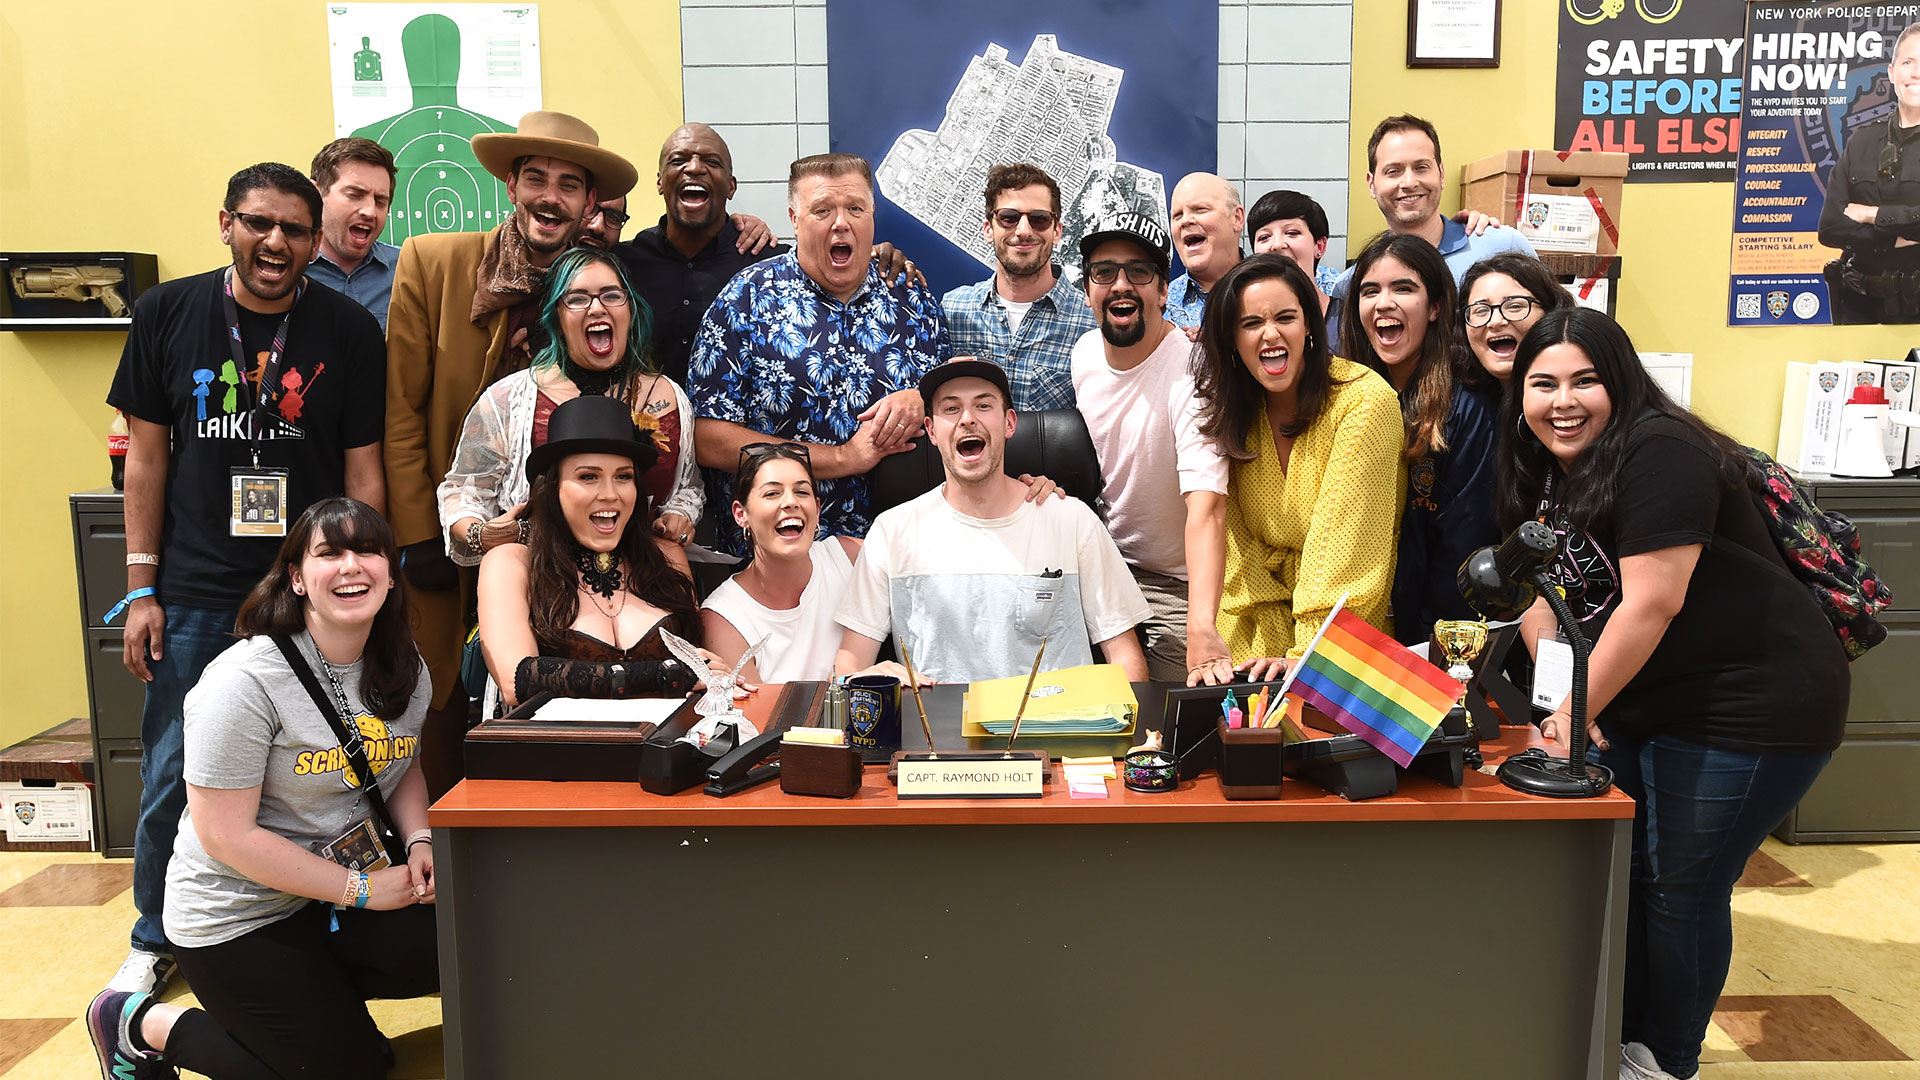 Comic-Con 2019: Brooklyn Nine-Nine Cast Surprises Fans